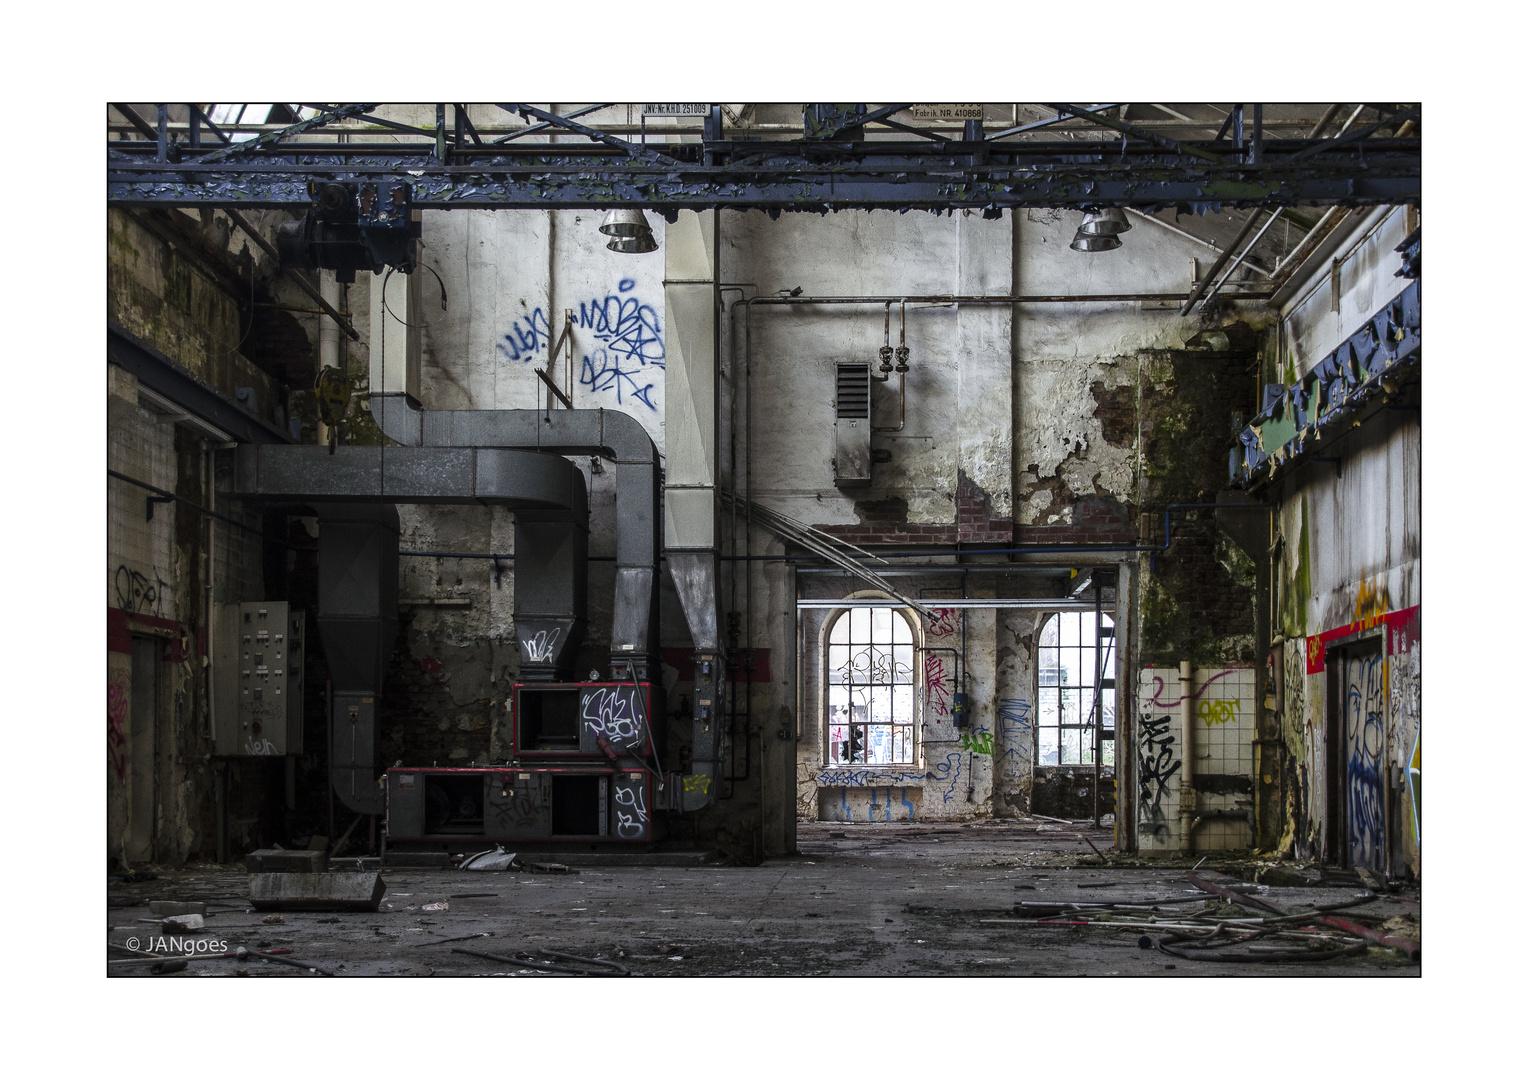 Industrie 008 - Köln mal anders